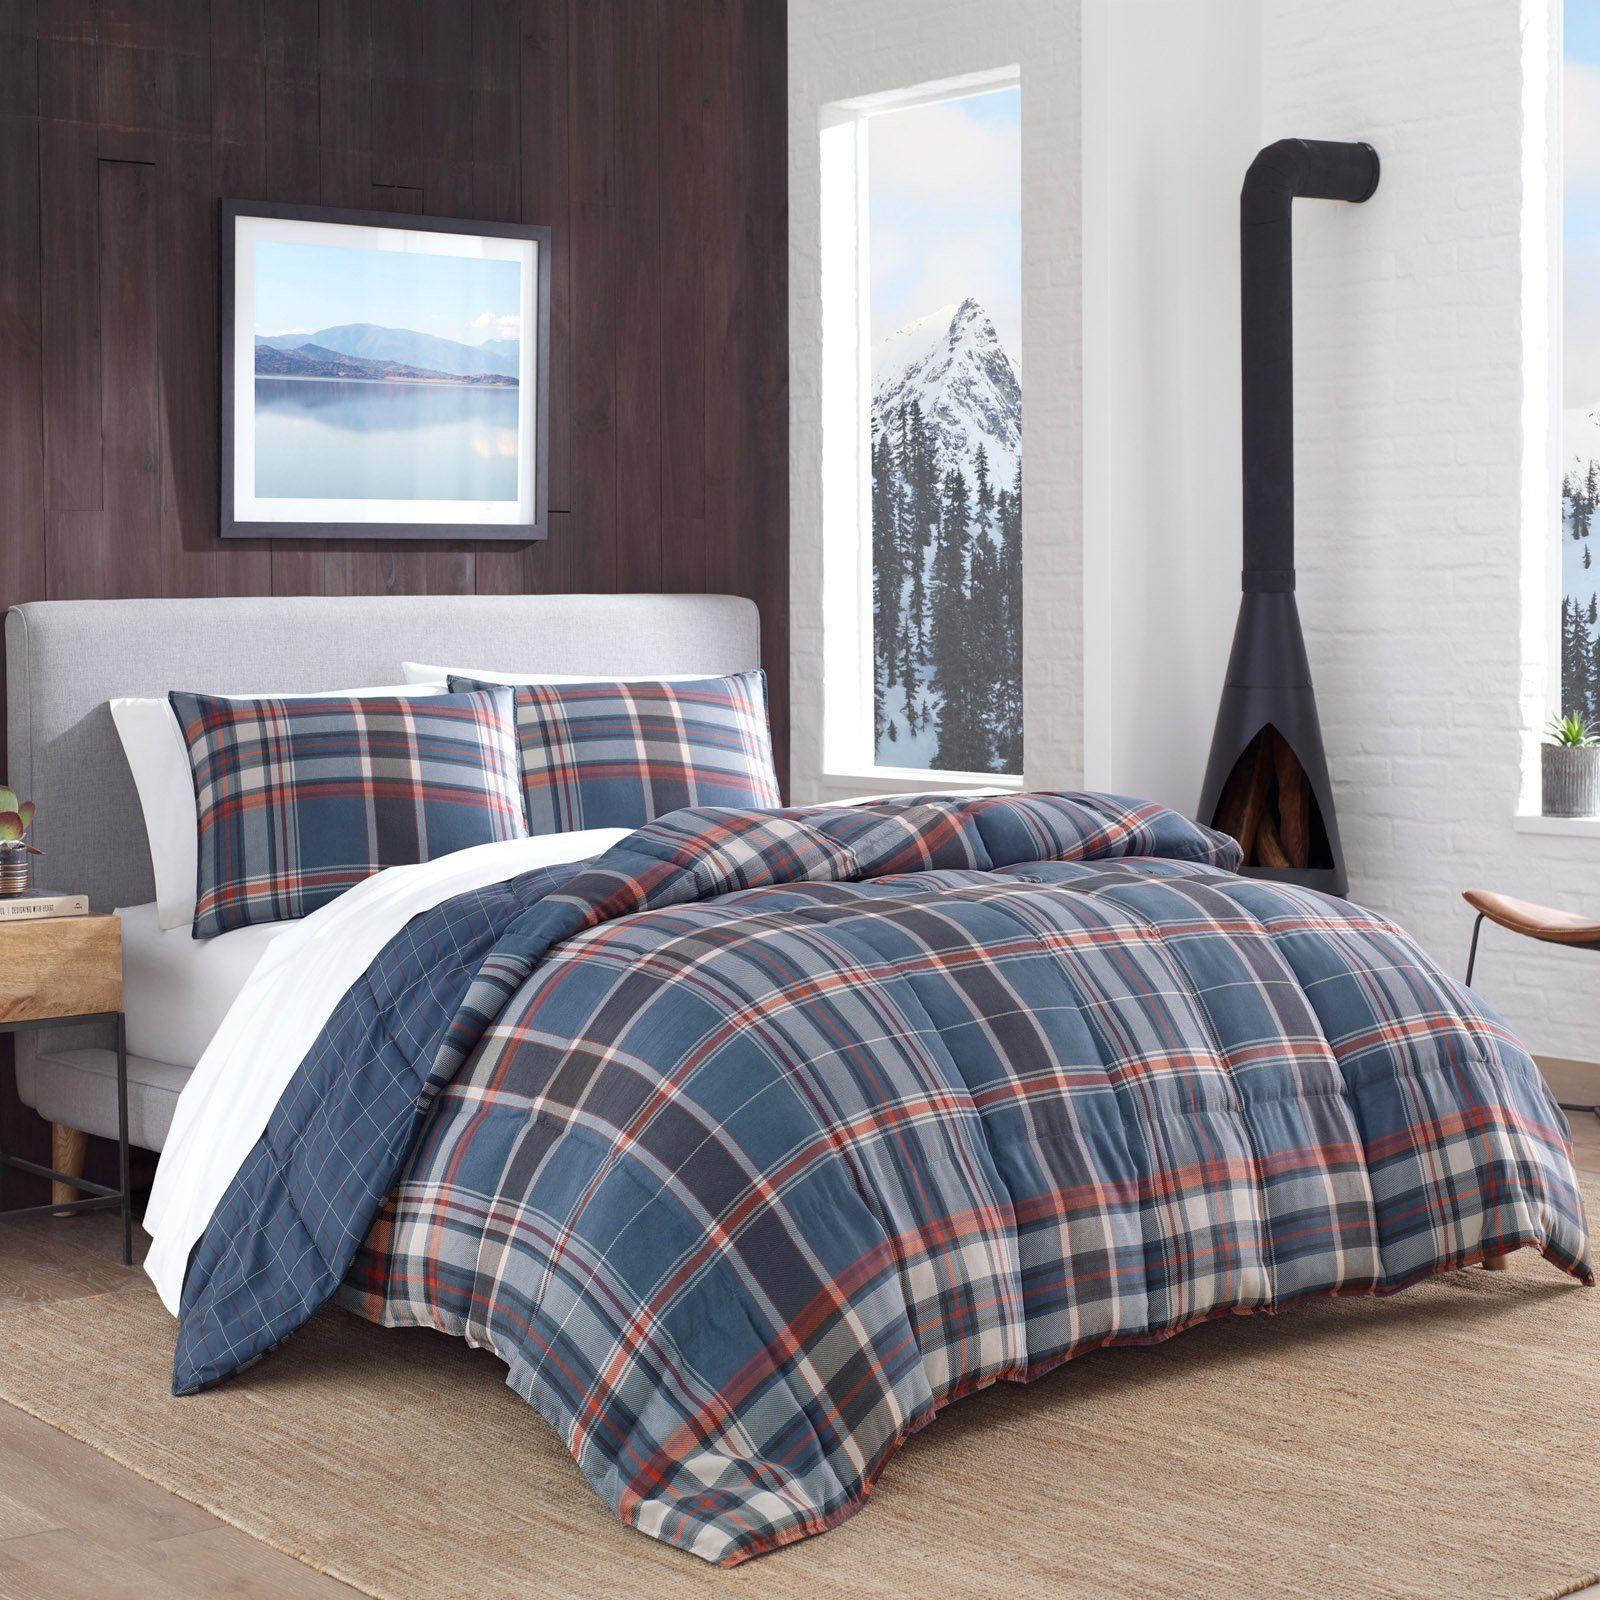 Shasta Lake Comforter Set by Eddie Bauer, Size King